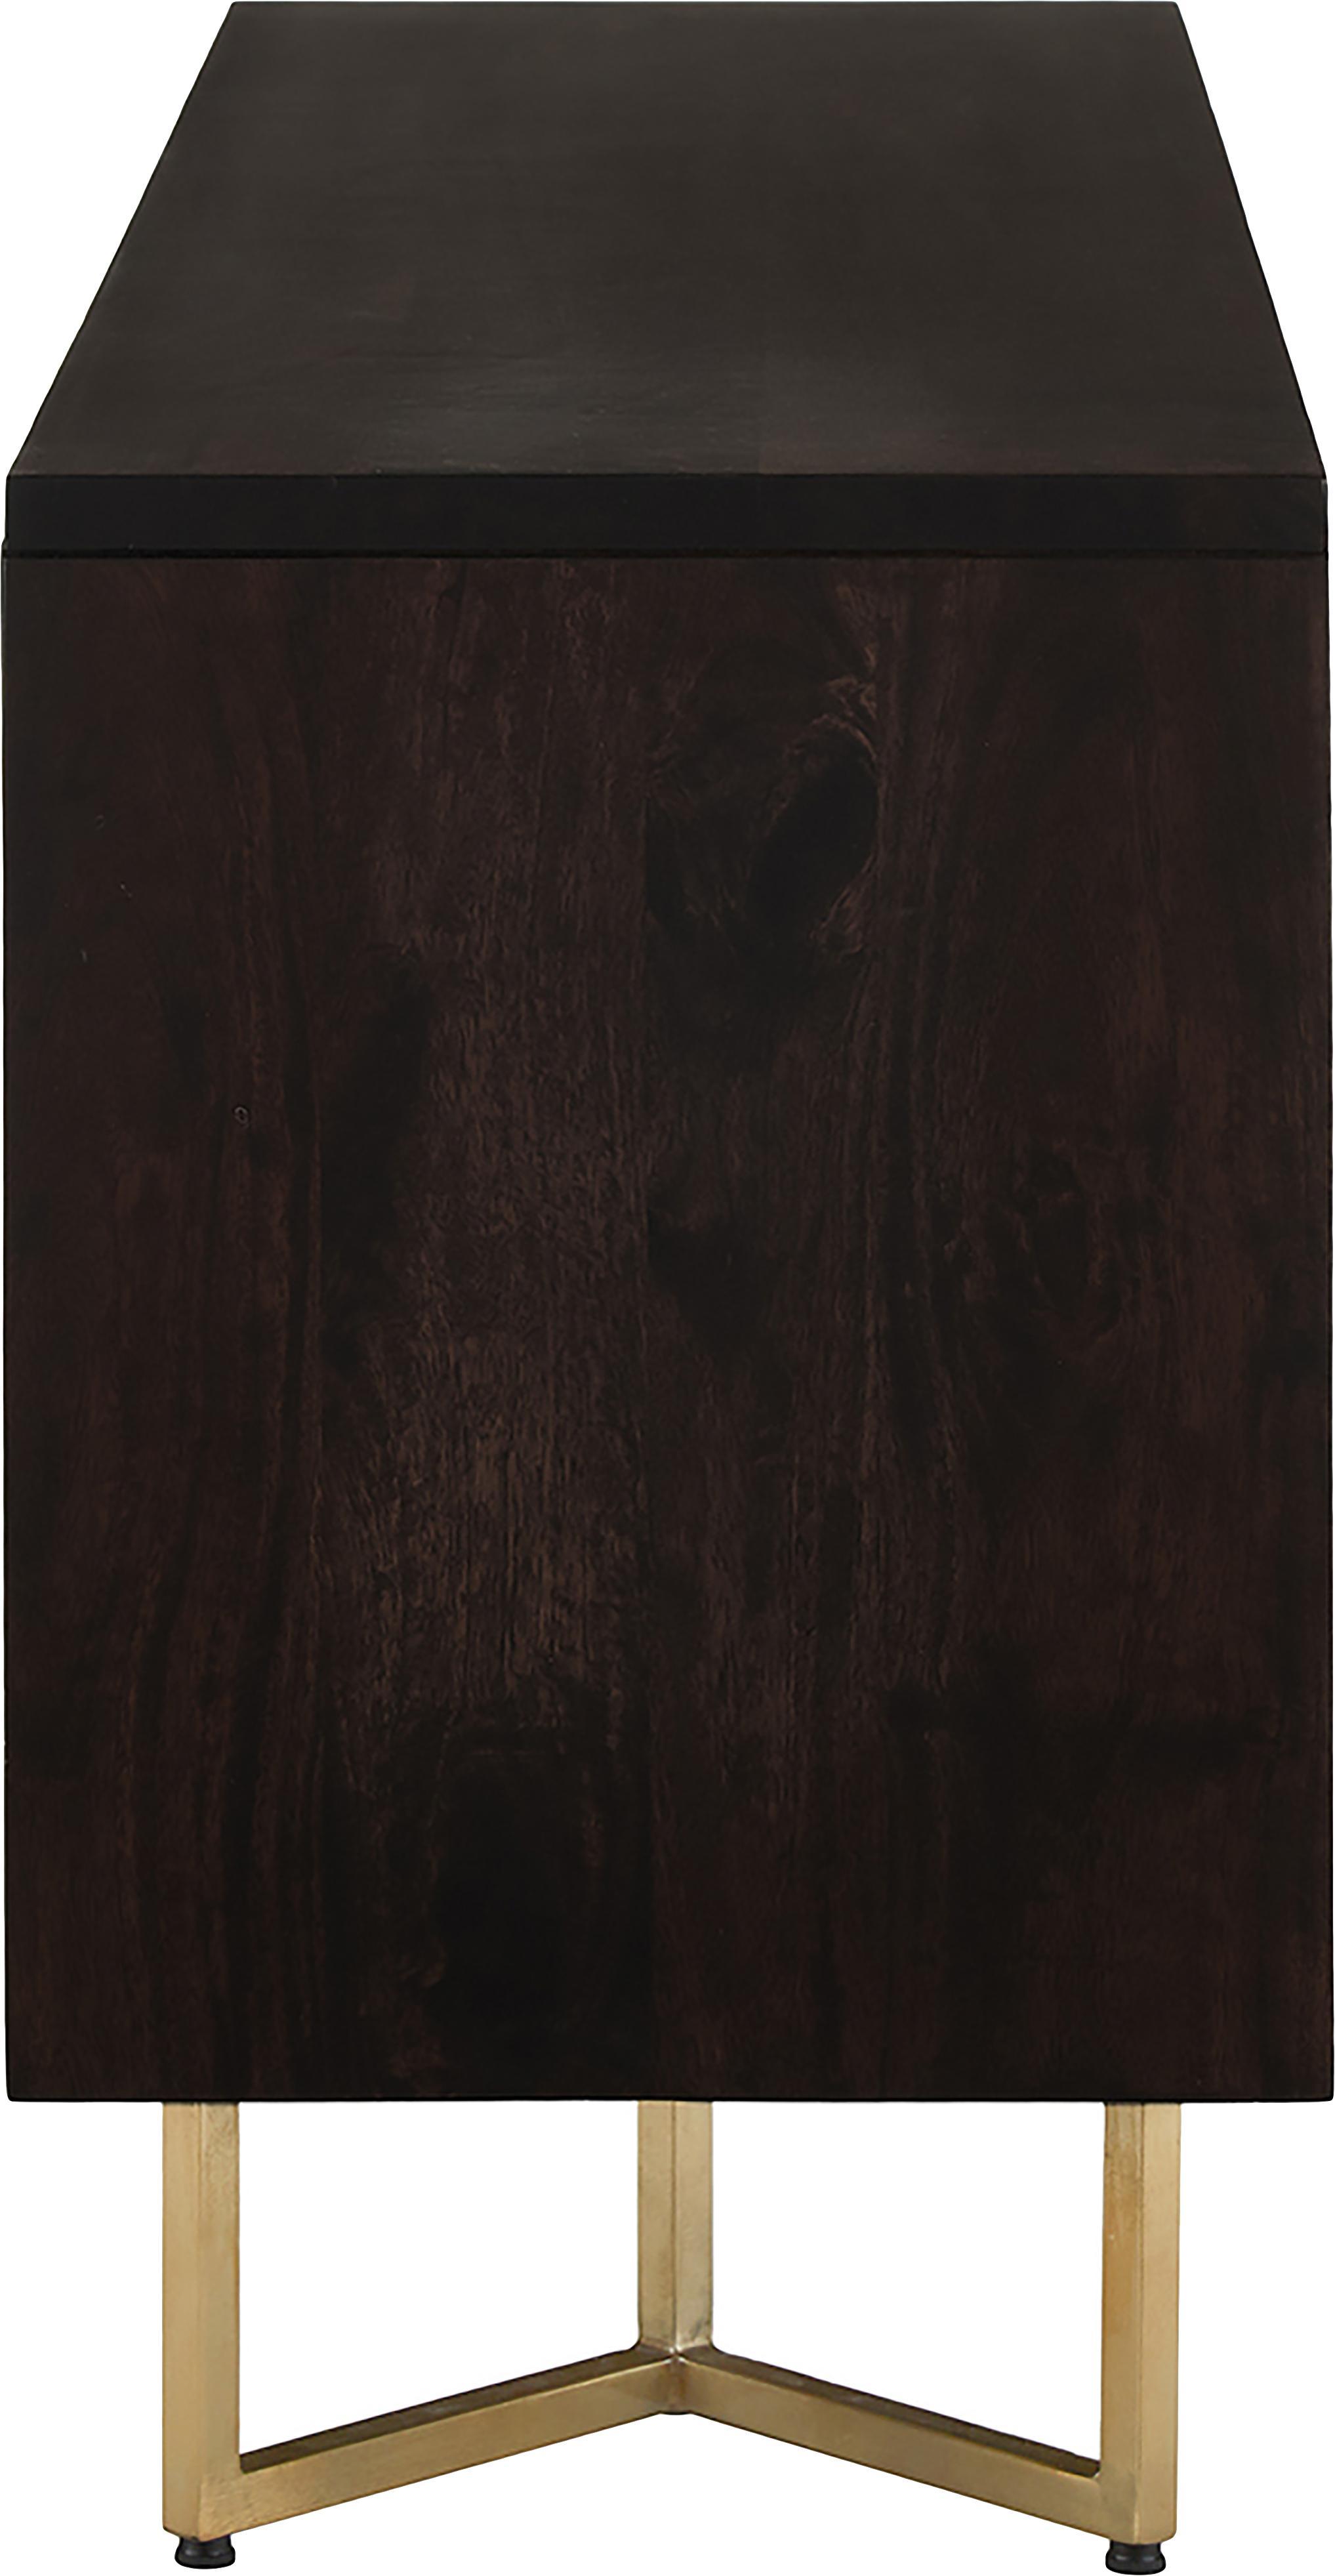 Fischgrät-Sideboard Luca, Korpus: Massives Mangoholz, Gestell: Metall, beschichtet, Dunkelbraun, 160 x 70 cm